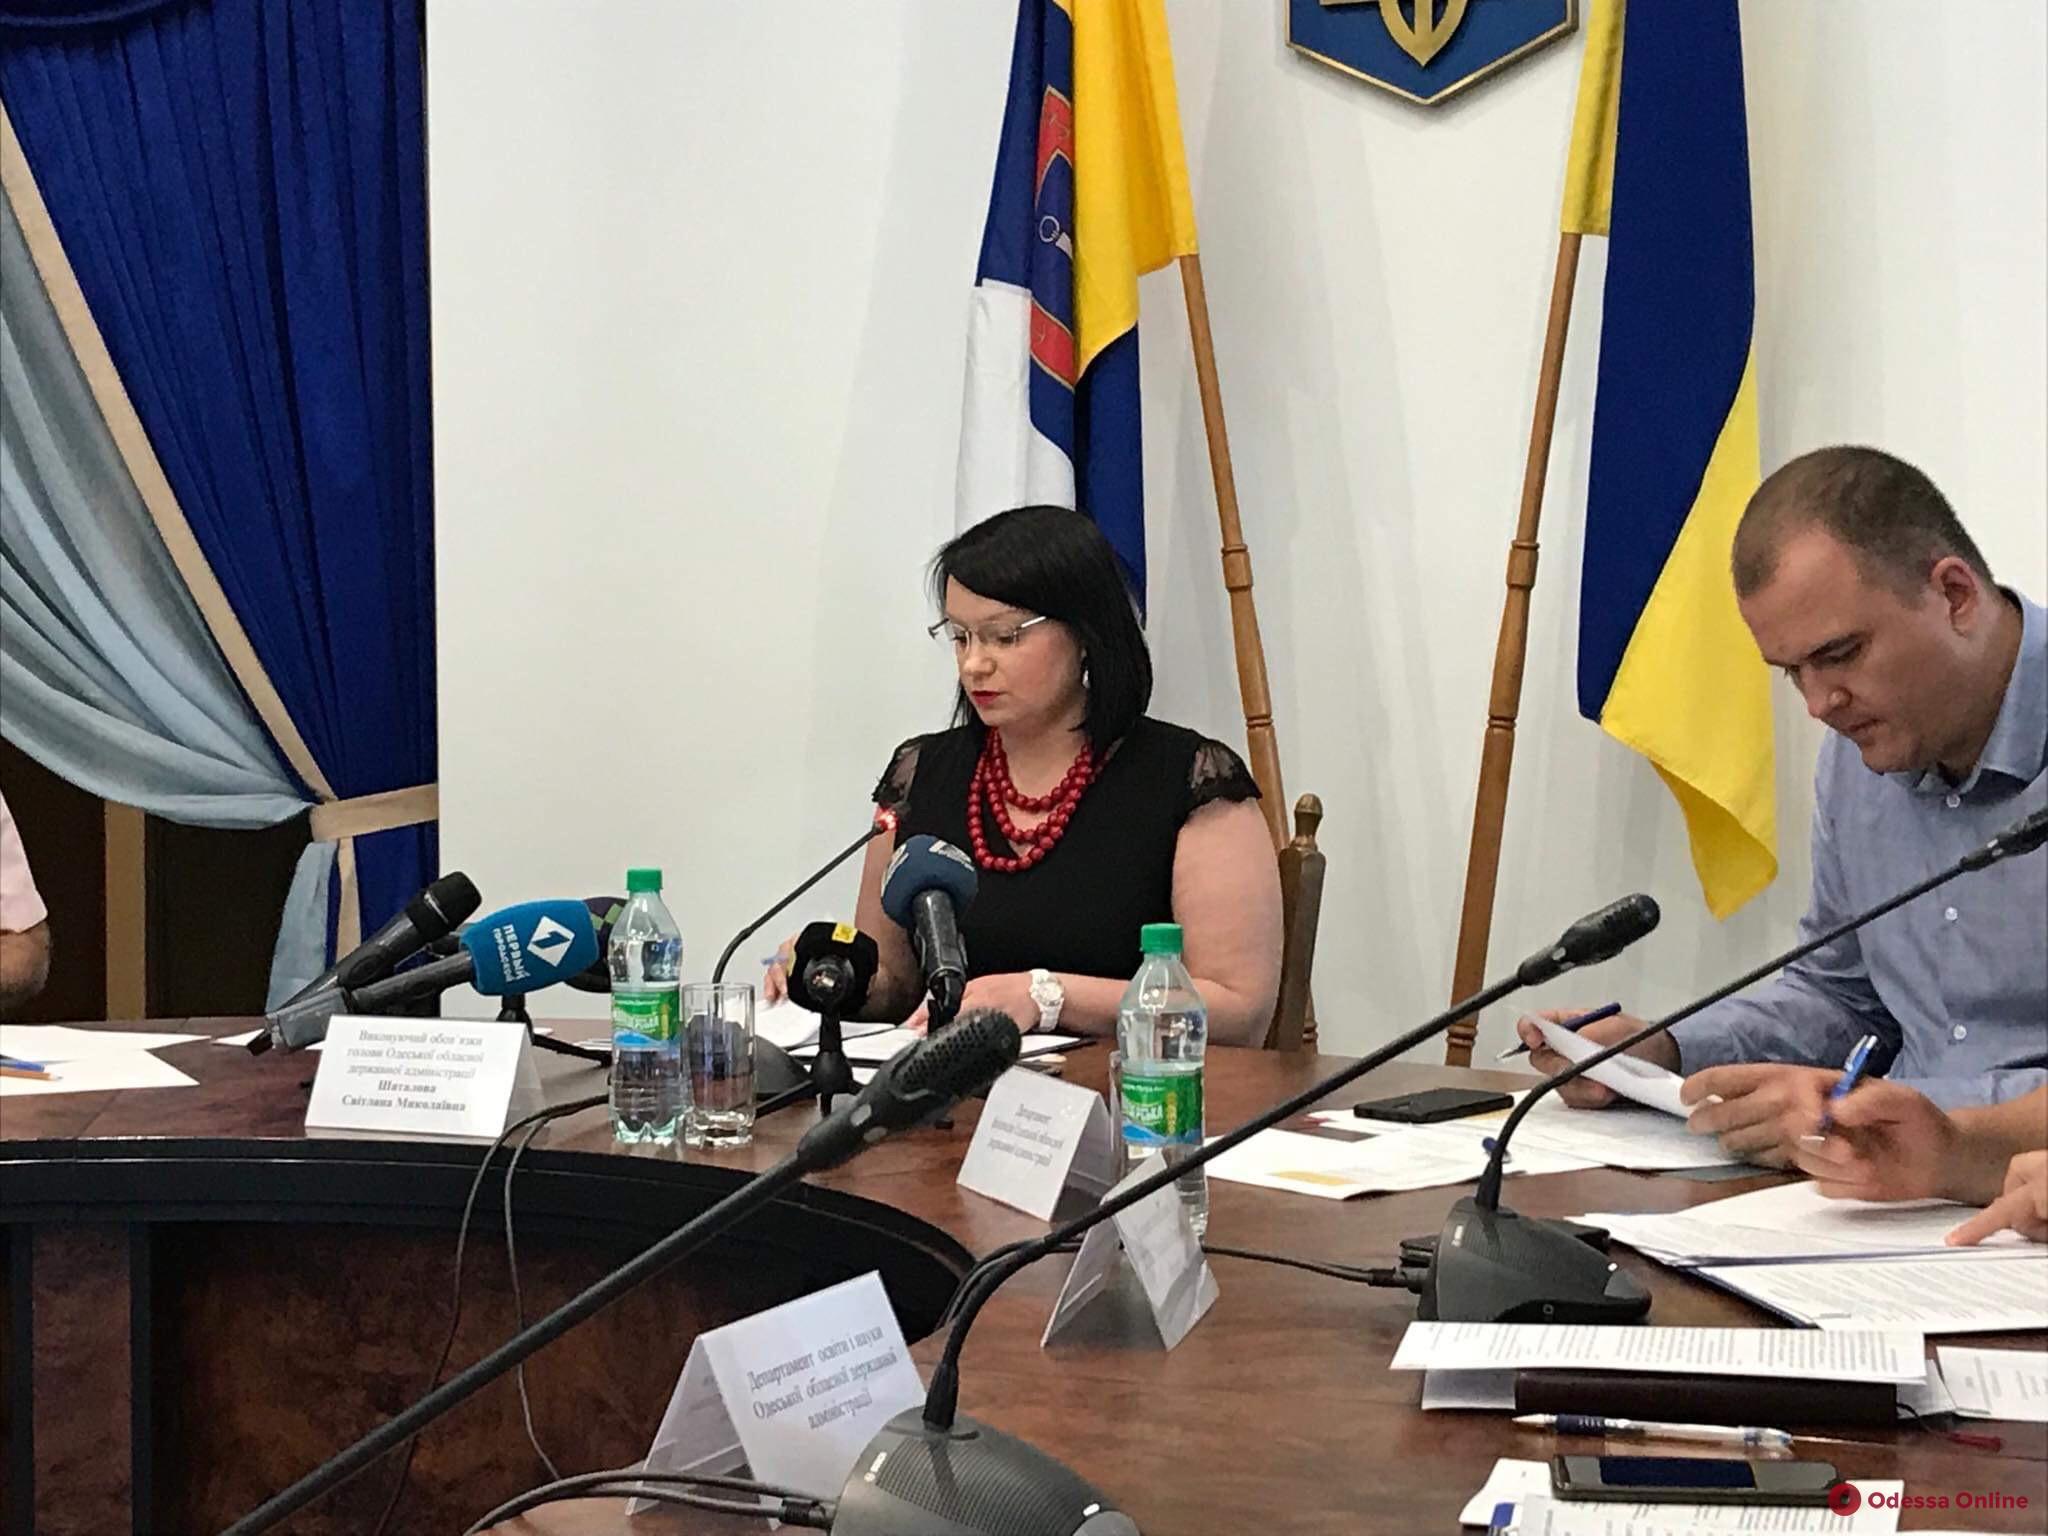 Все учебные заведения Одесской области оборудуют пожарной сигнализацией